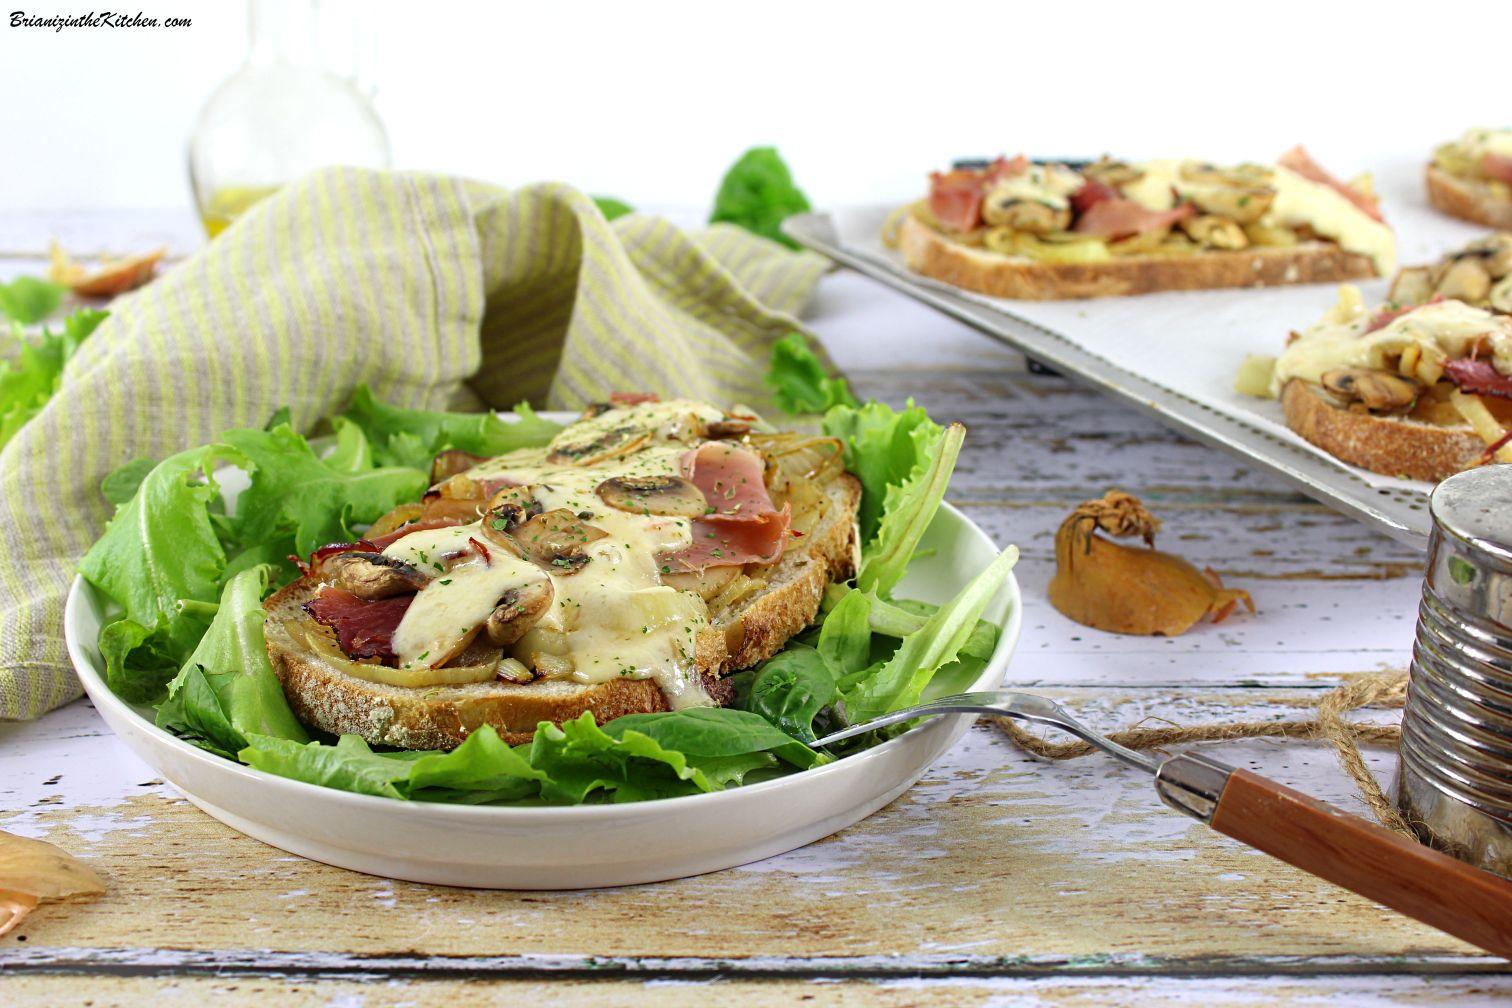 Tartines Fondue d'Oignons, Champignons et Crème de Maroilles